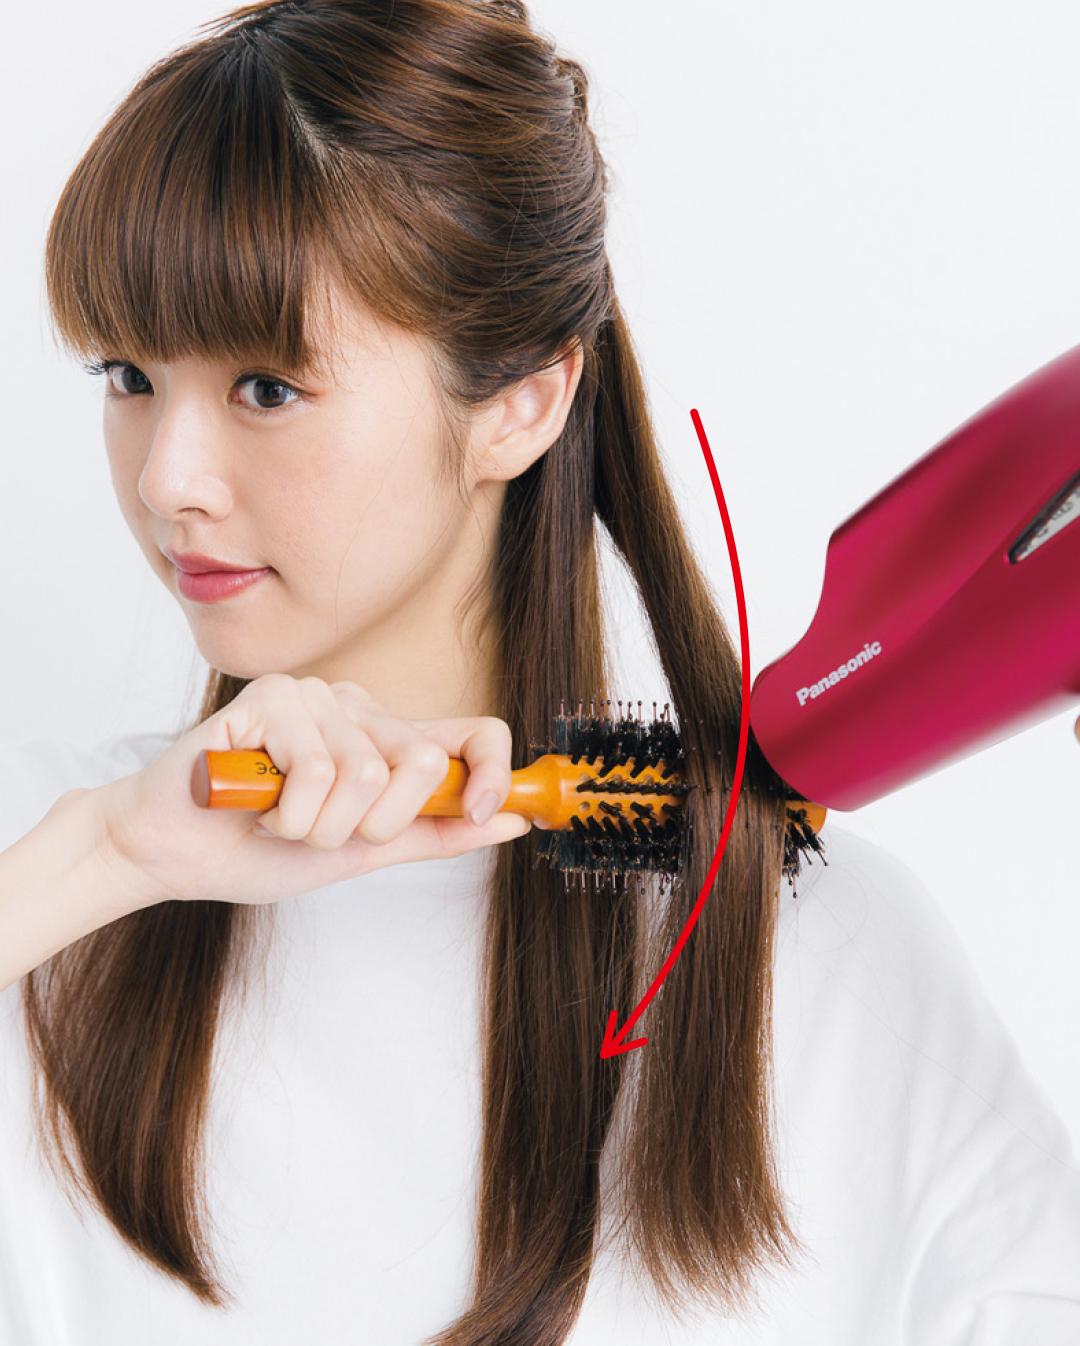 前髪がぱっくり割れてる、寝グセがヤバい…朝の髪形悩み、解決策5選!_1_5